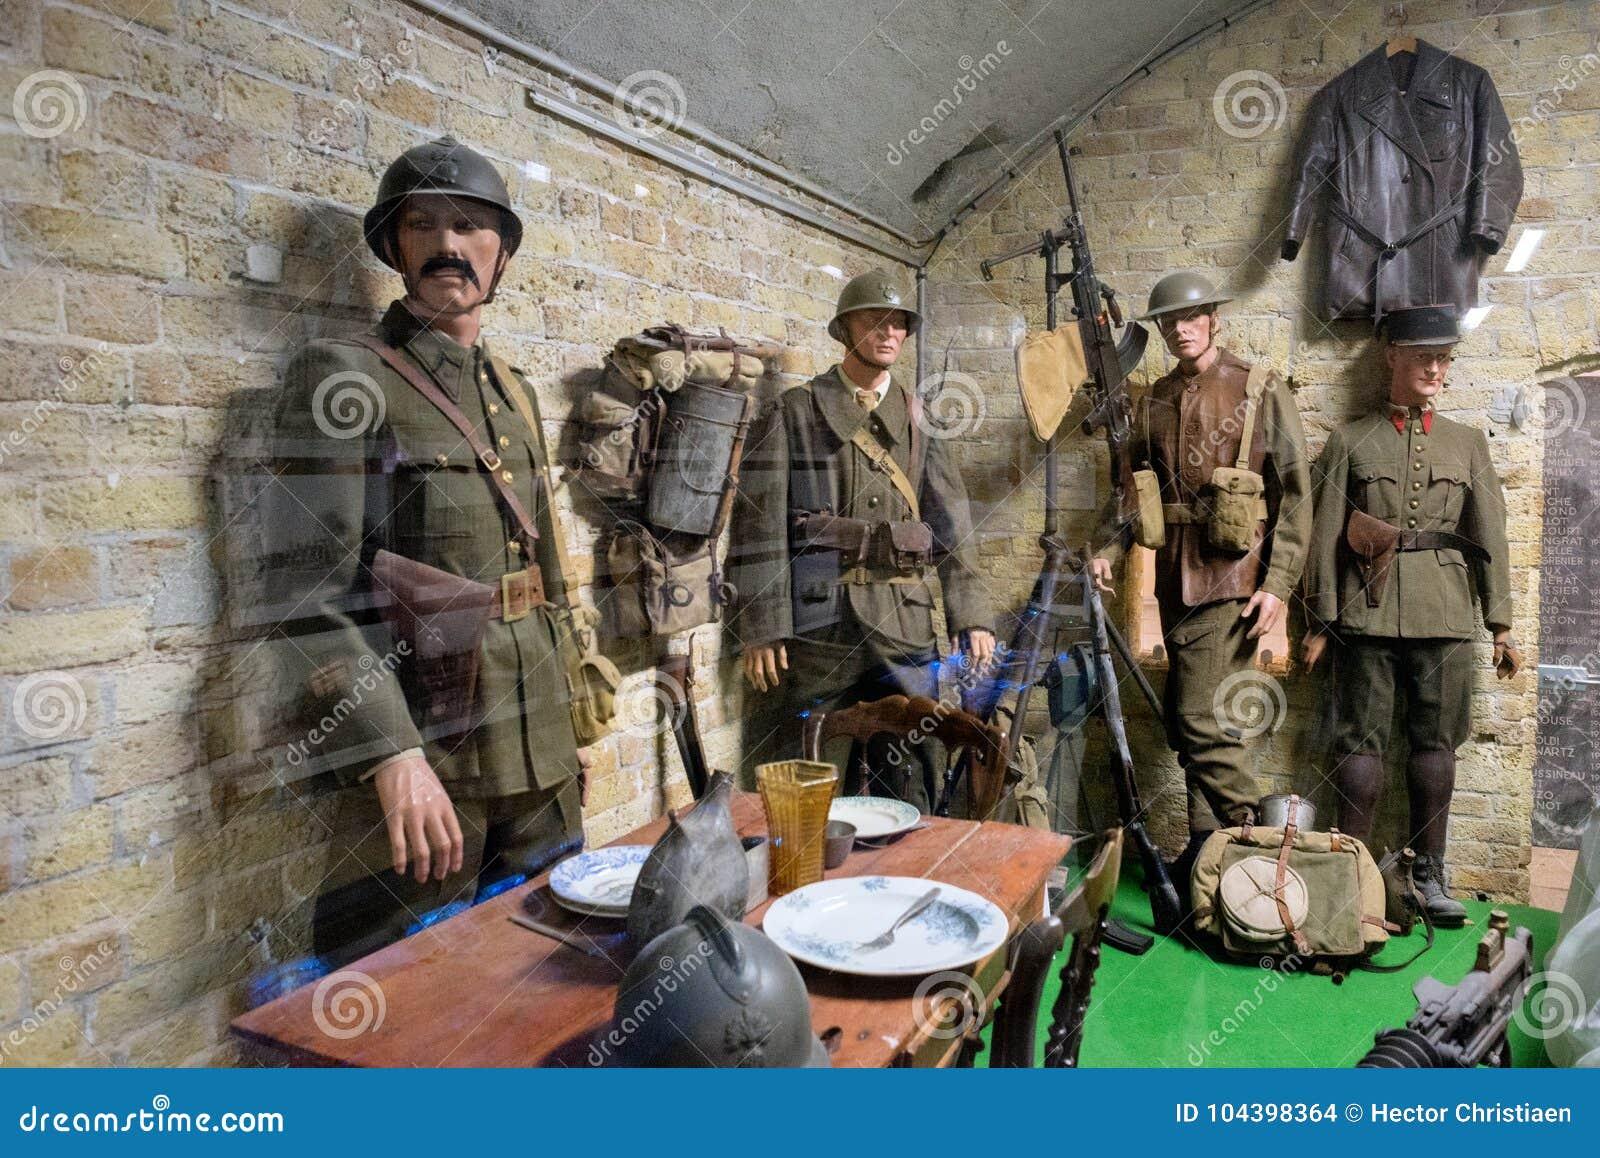 Музей 1940 Дюнкерка показывает сражение Дюнкерка